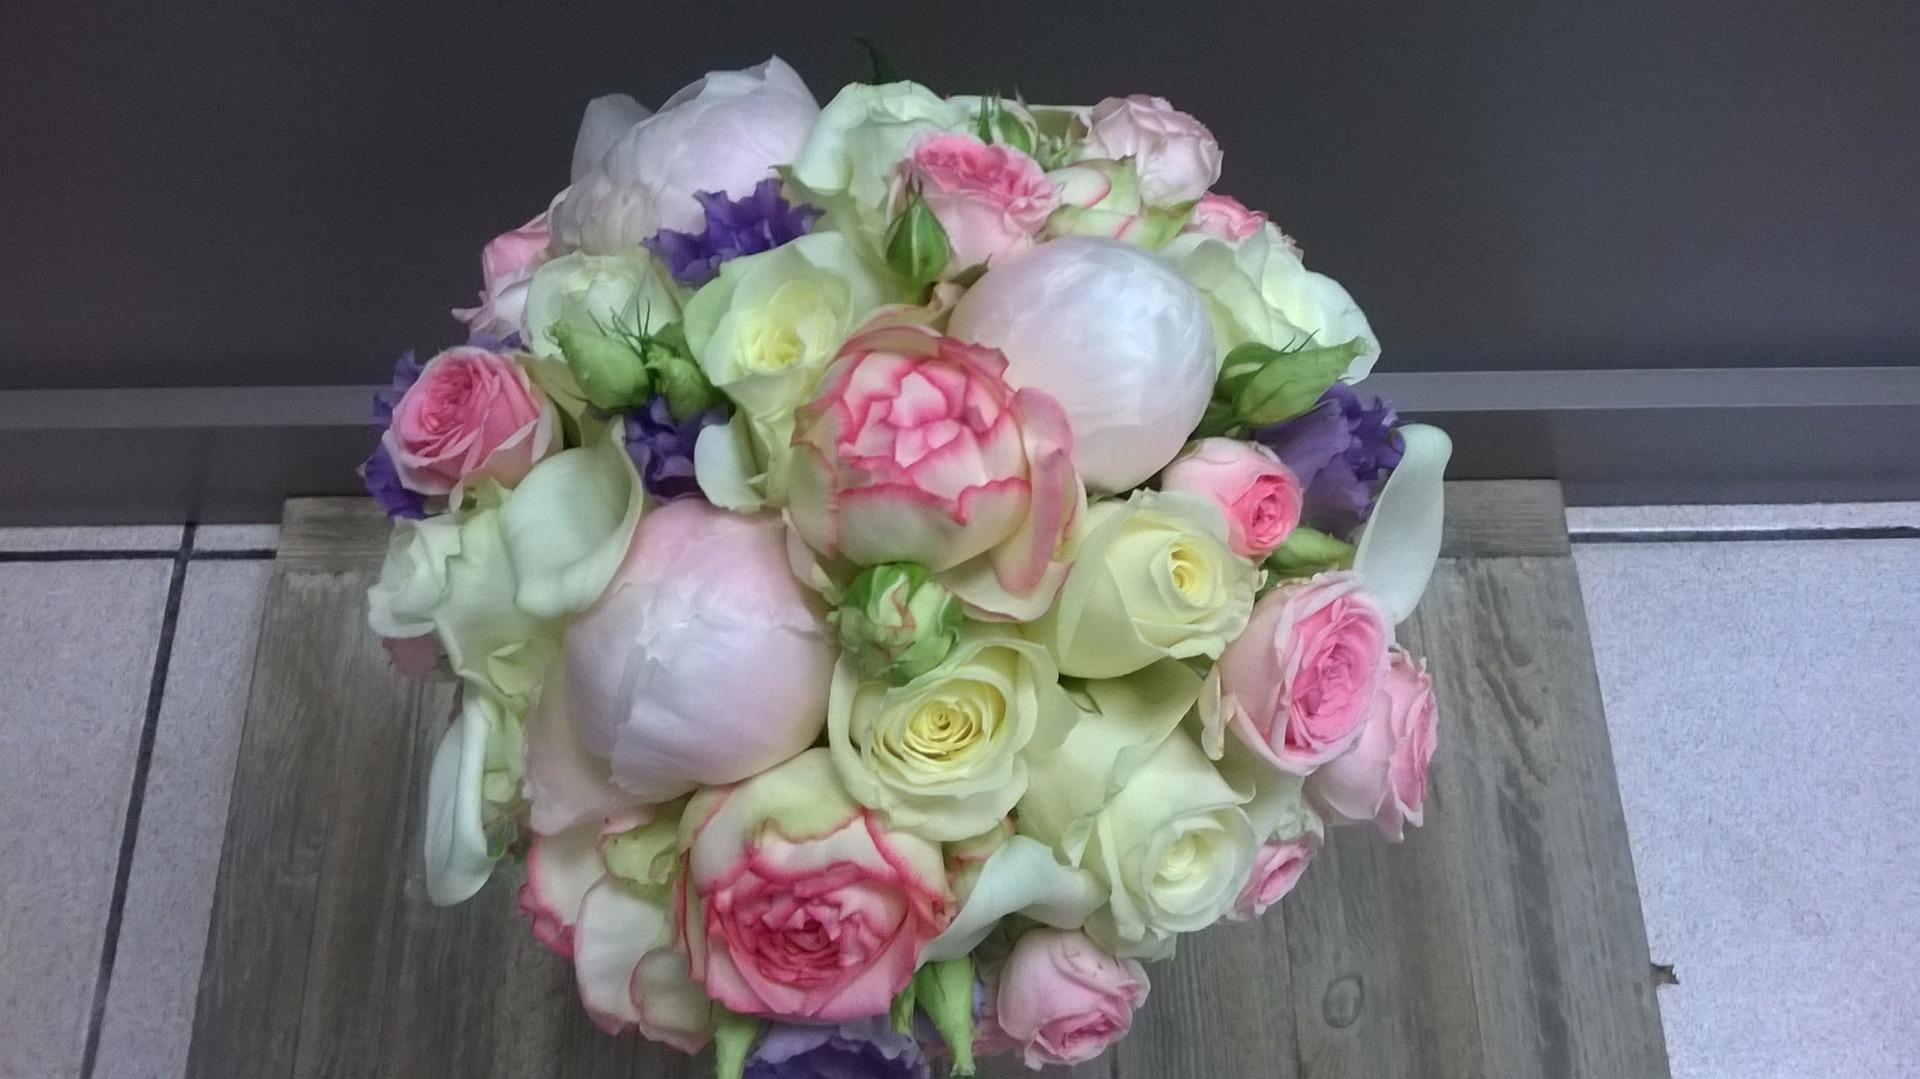 une fleuriste pour la décoration de votre mariage et votre bouquet.